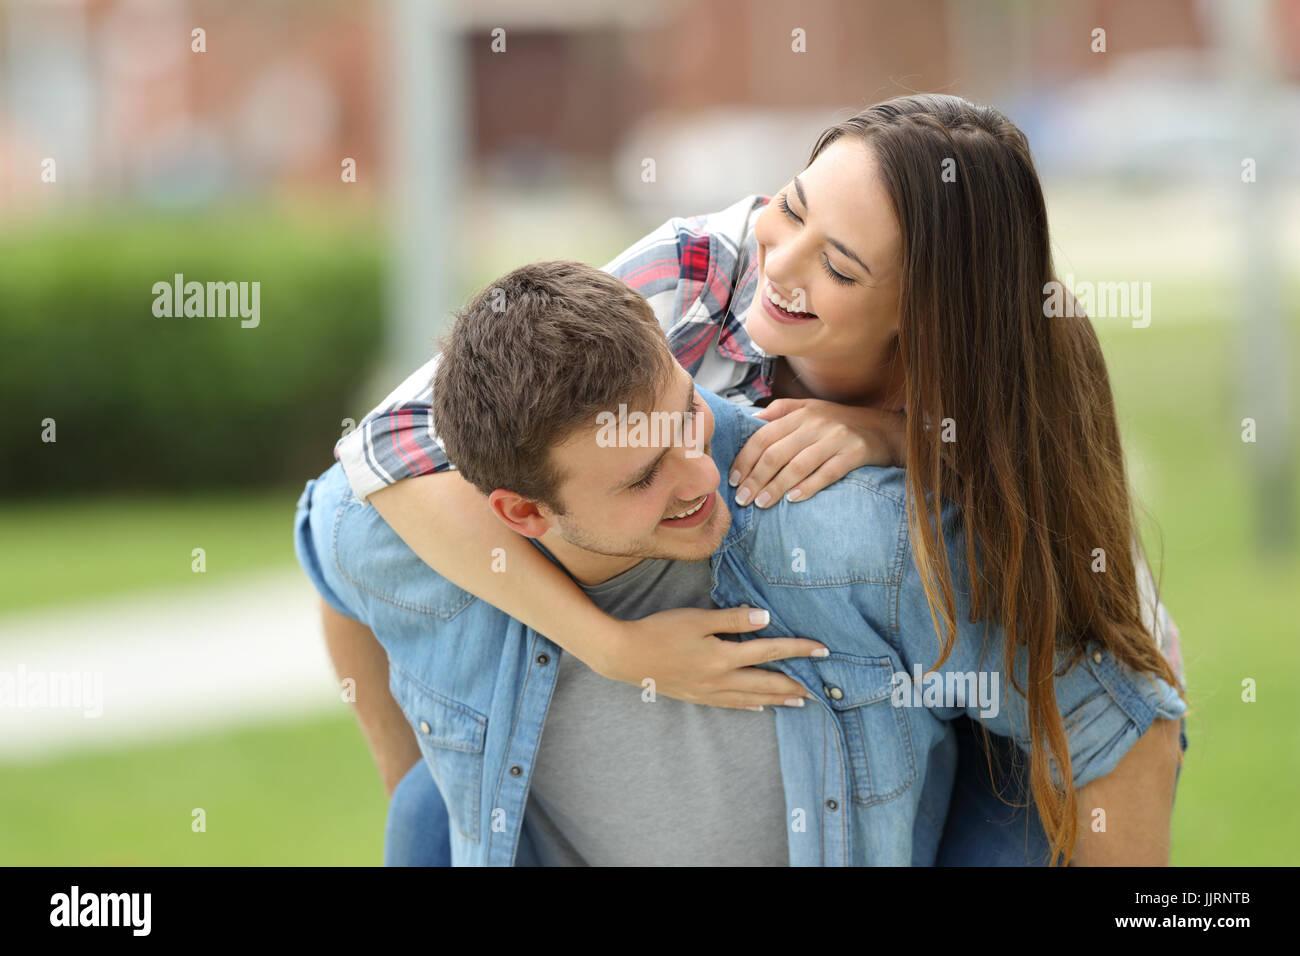 Vista frontale di una coppia felice di adolescenti scherzando insieme sovrapponibile all'aperto in un parco Immagini Stock